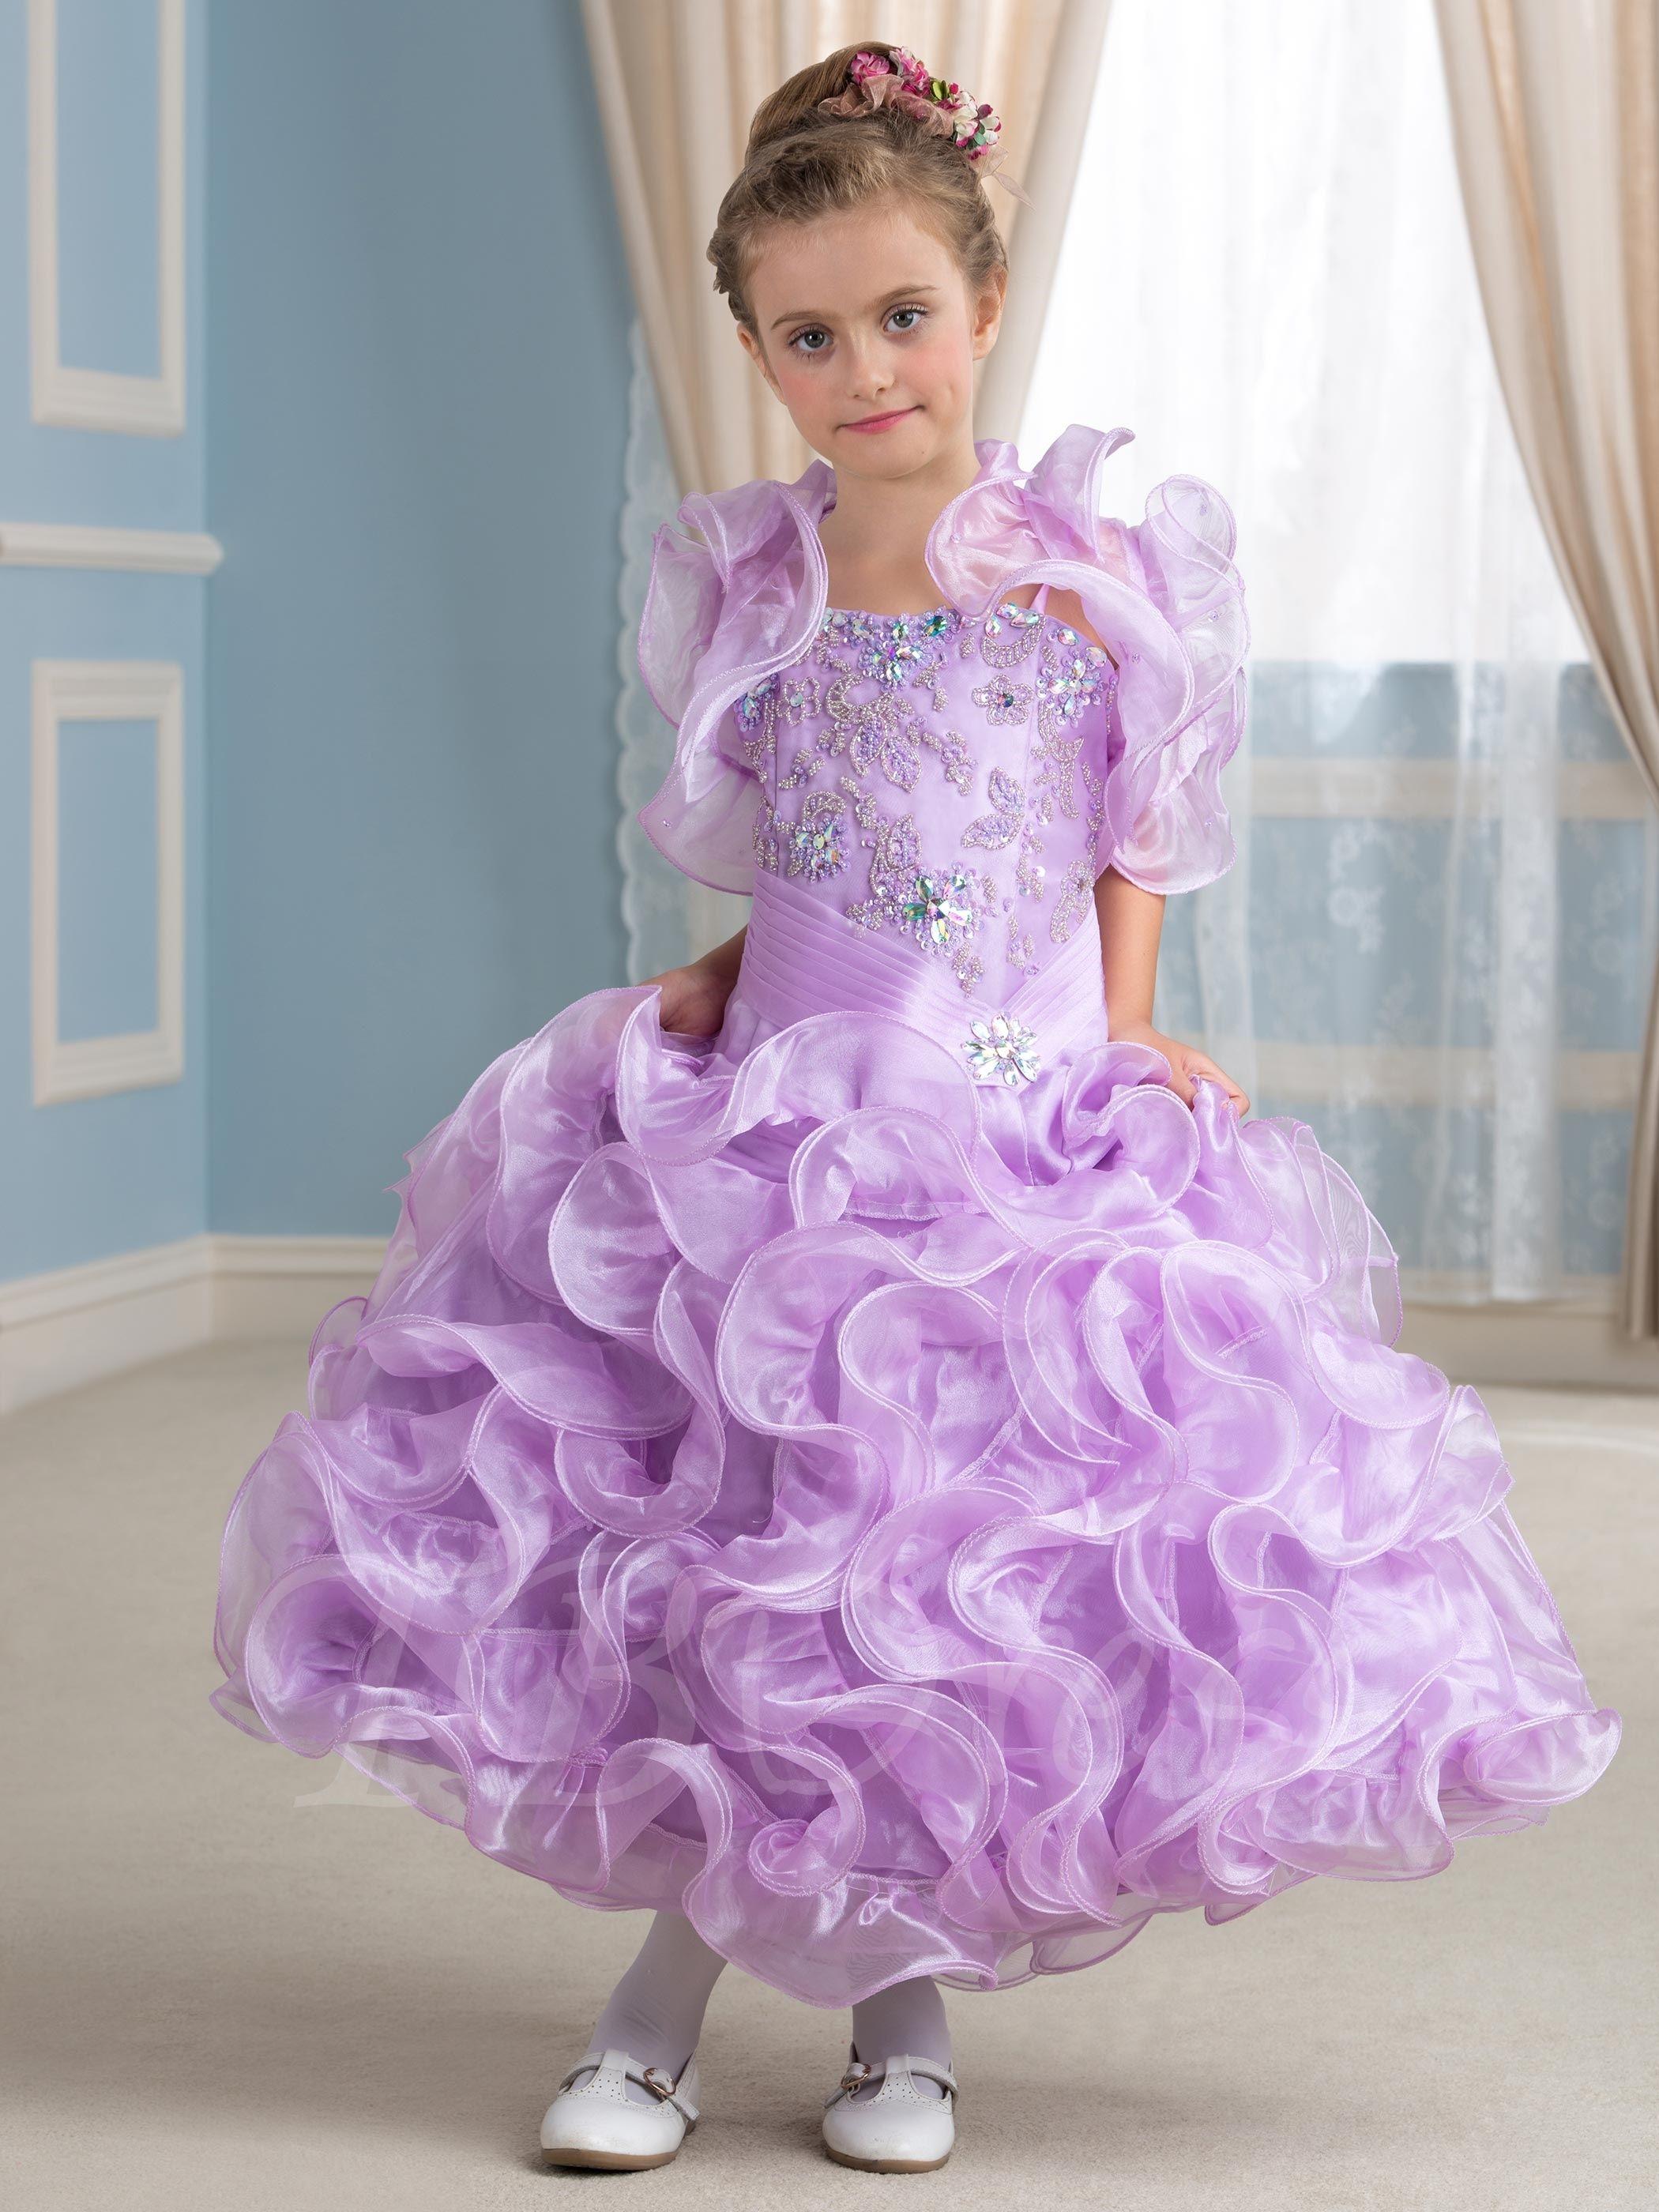 Ruffles Sequins Ball Gown Little Flower Girl Dress With Jacket